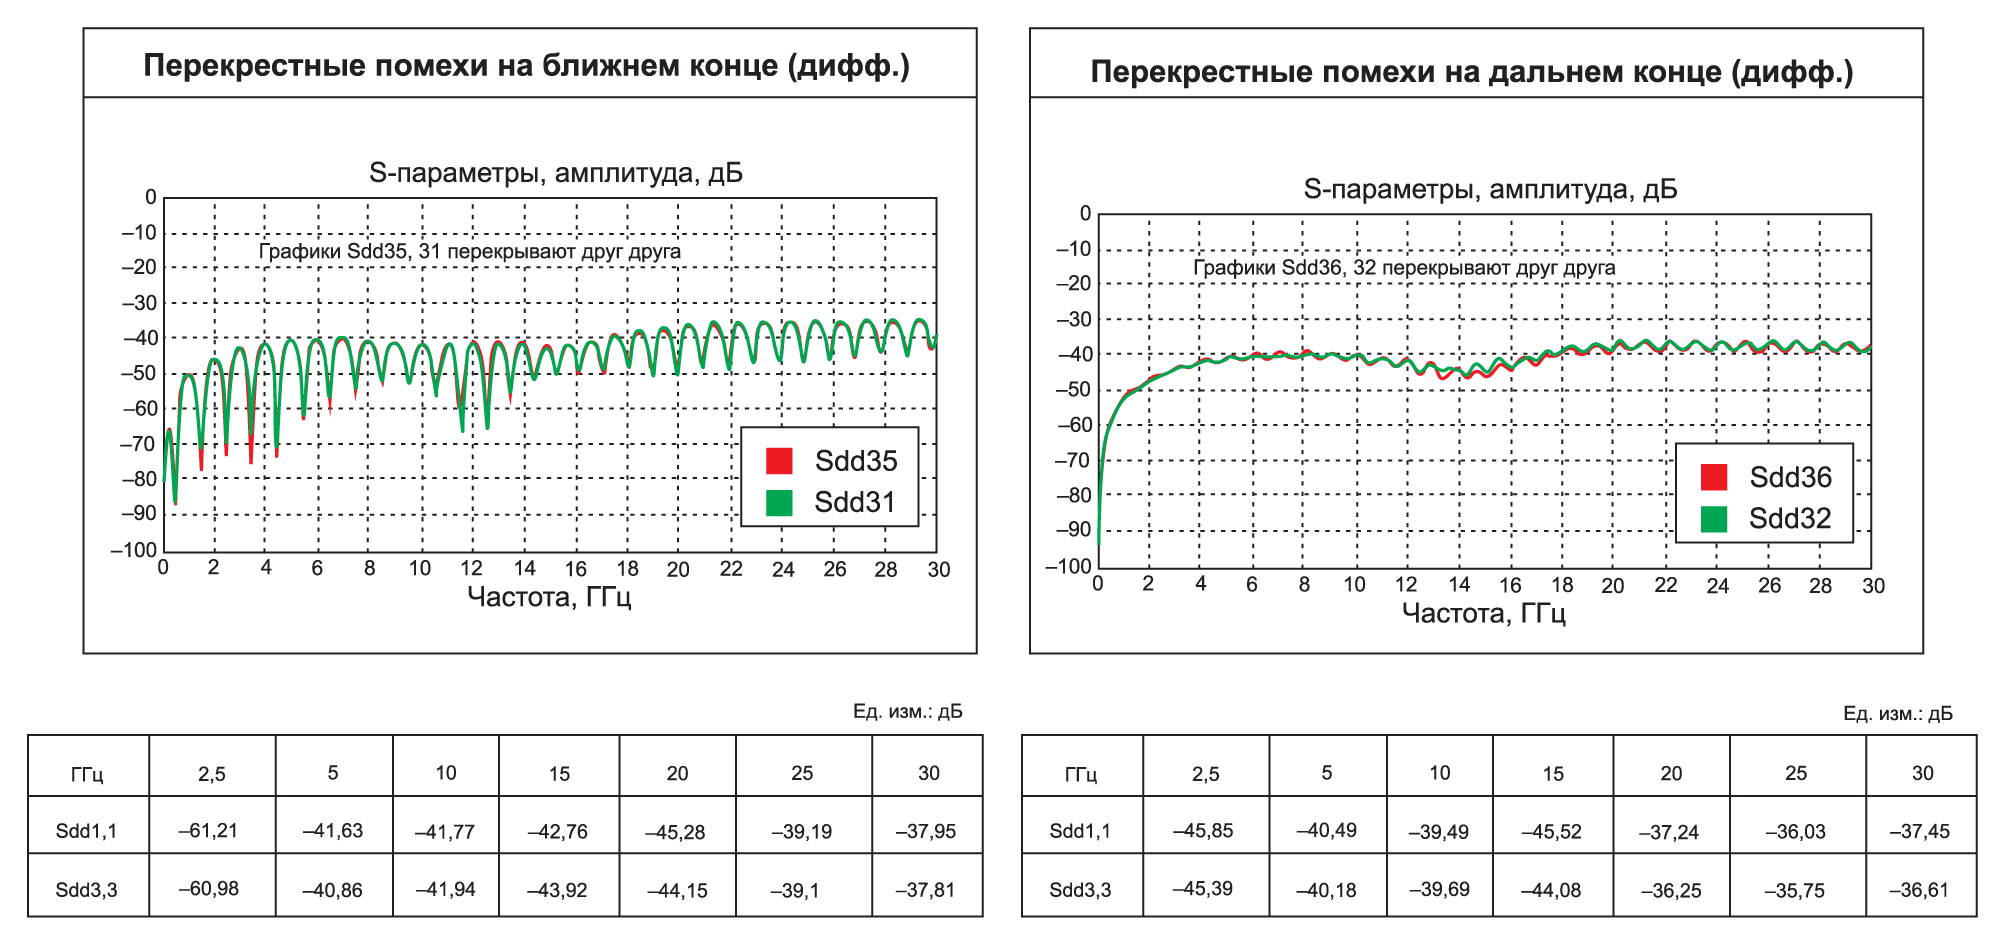 Результаты моделирования перекрестных помех на дальнем и ближнем концах в паре связанных дифференциальных линий передачи для графического кабеля длиной 100 мм